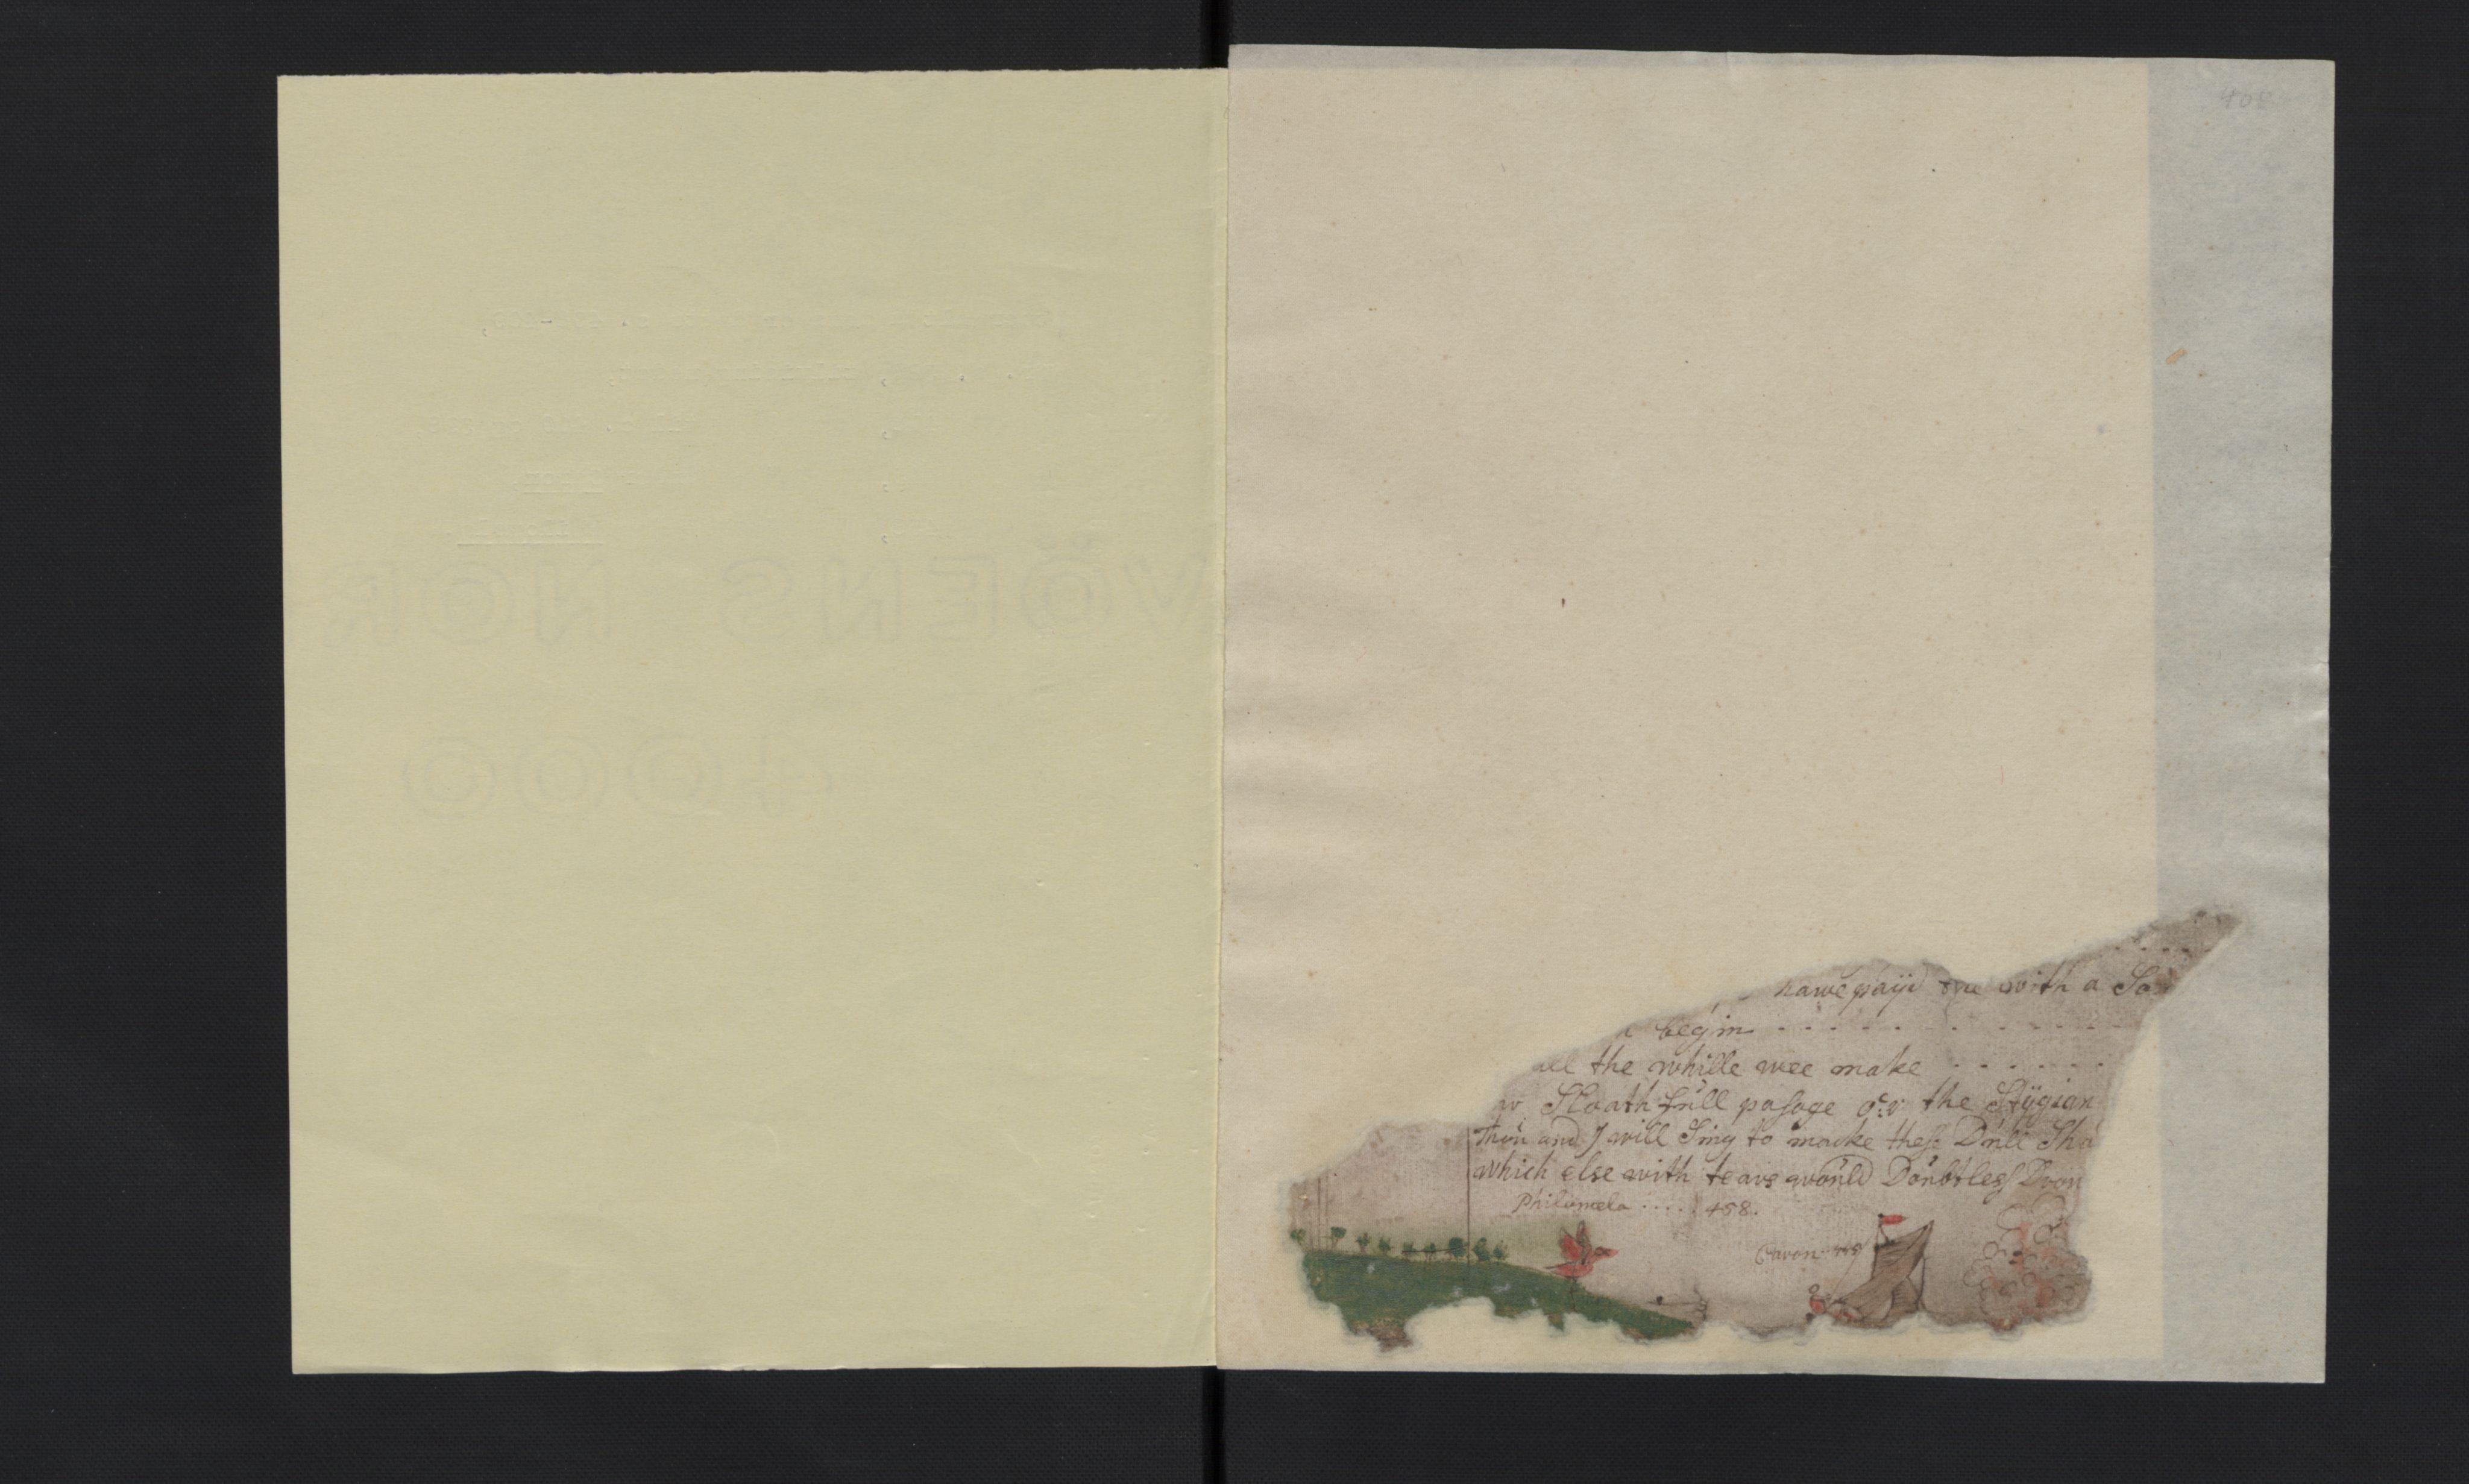 RA, Manuskriptsamlingen, G/L0048b: Nils Trosners dagbok ført på flåten 1710-1713 bd. II, 1710-1713, s. 520